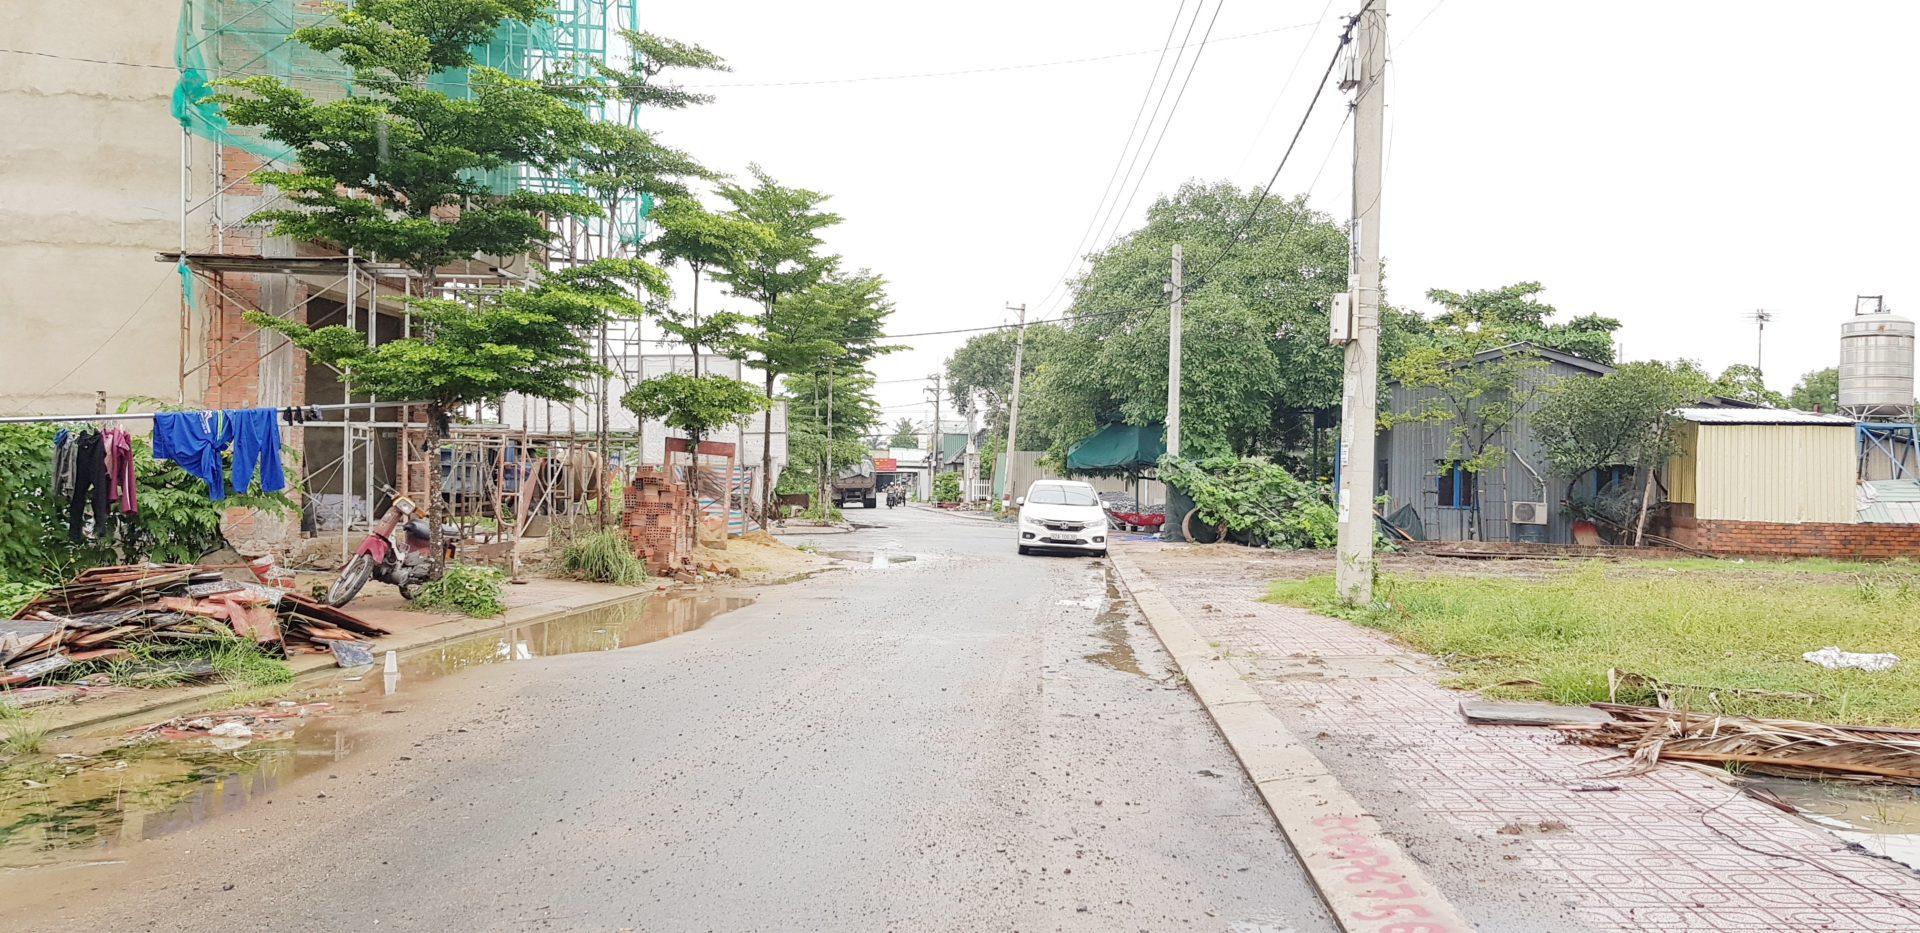 Bán Đất Quận 9 Cạnh VinHomes Quận 9. DT 57m2 Giá cực Tốt. Đường 8m, vị trí Mặt Tiền Nguyễn Xiển Q9